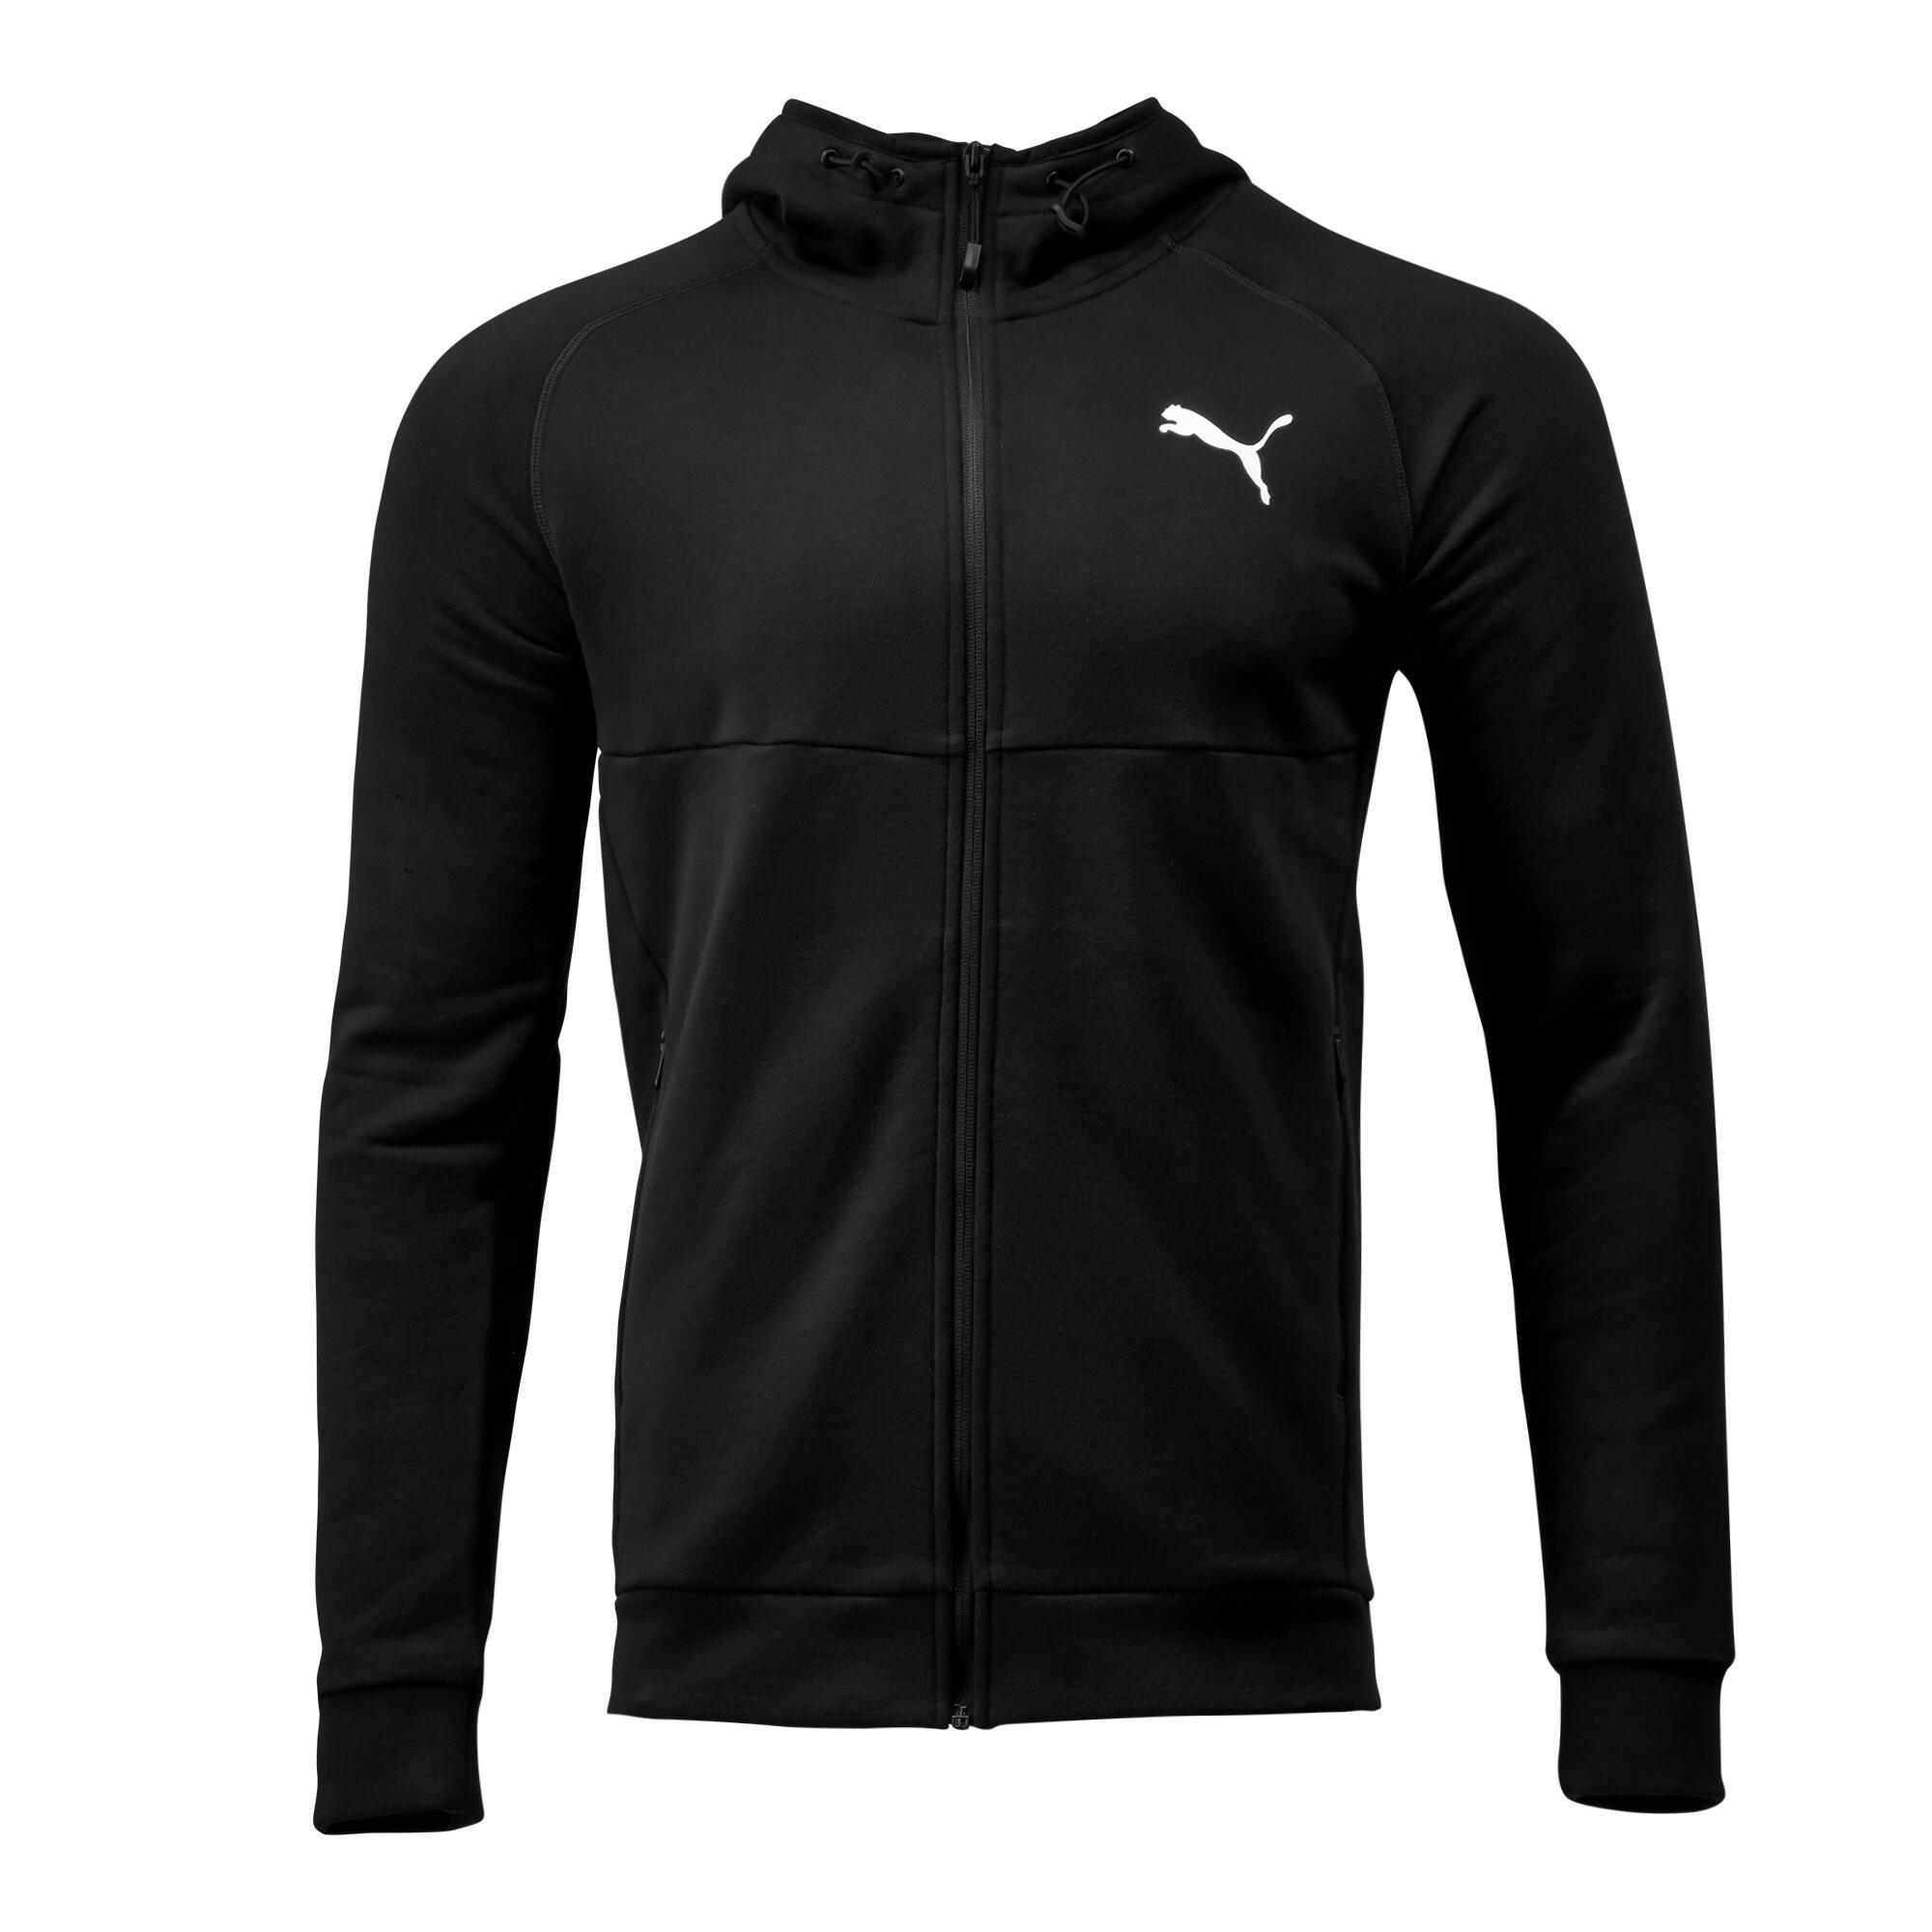 Jachetă PUMA negru bărbați imagine